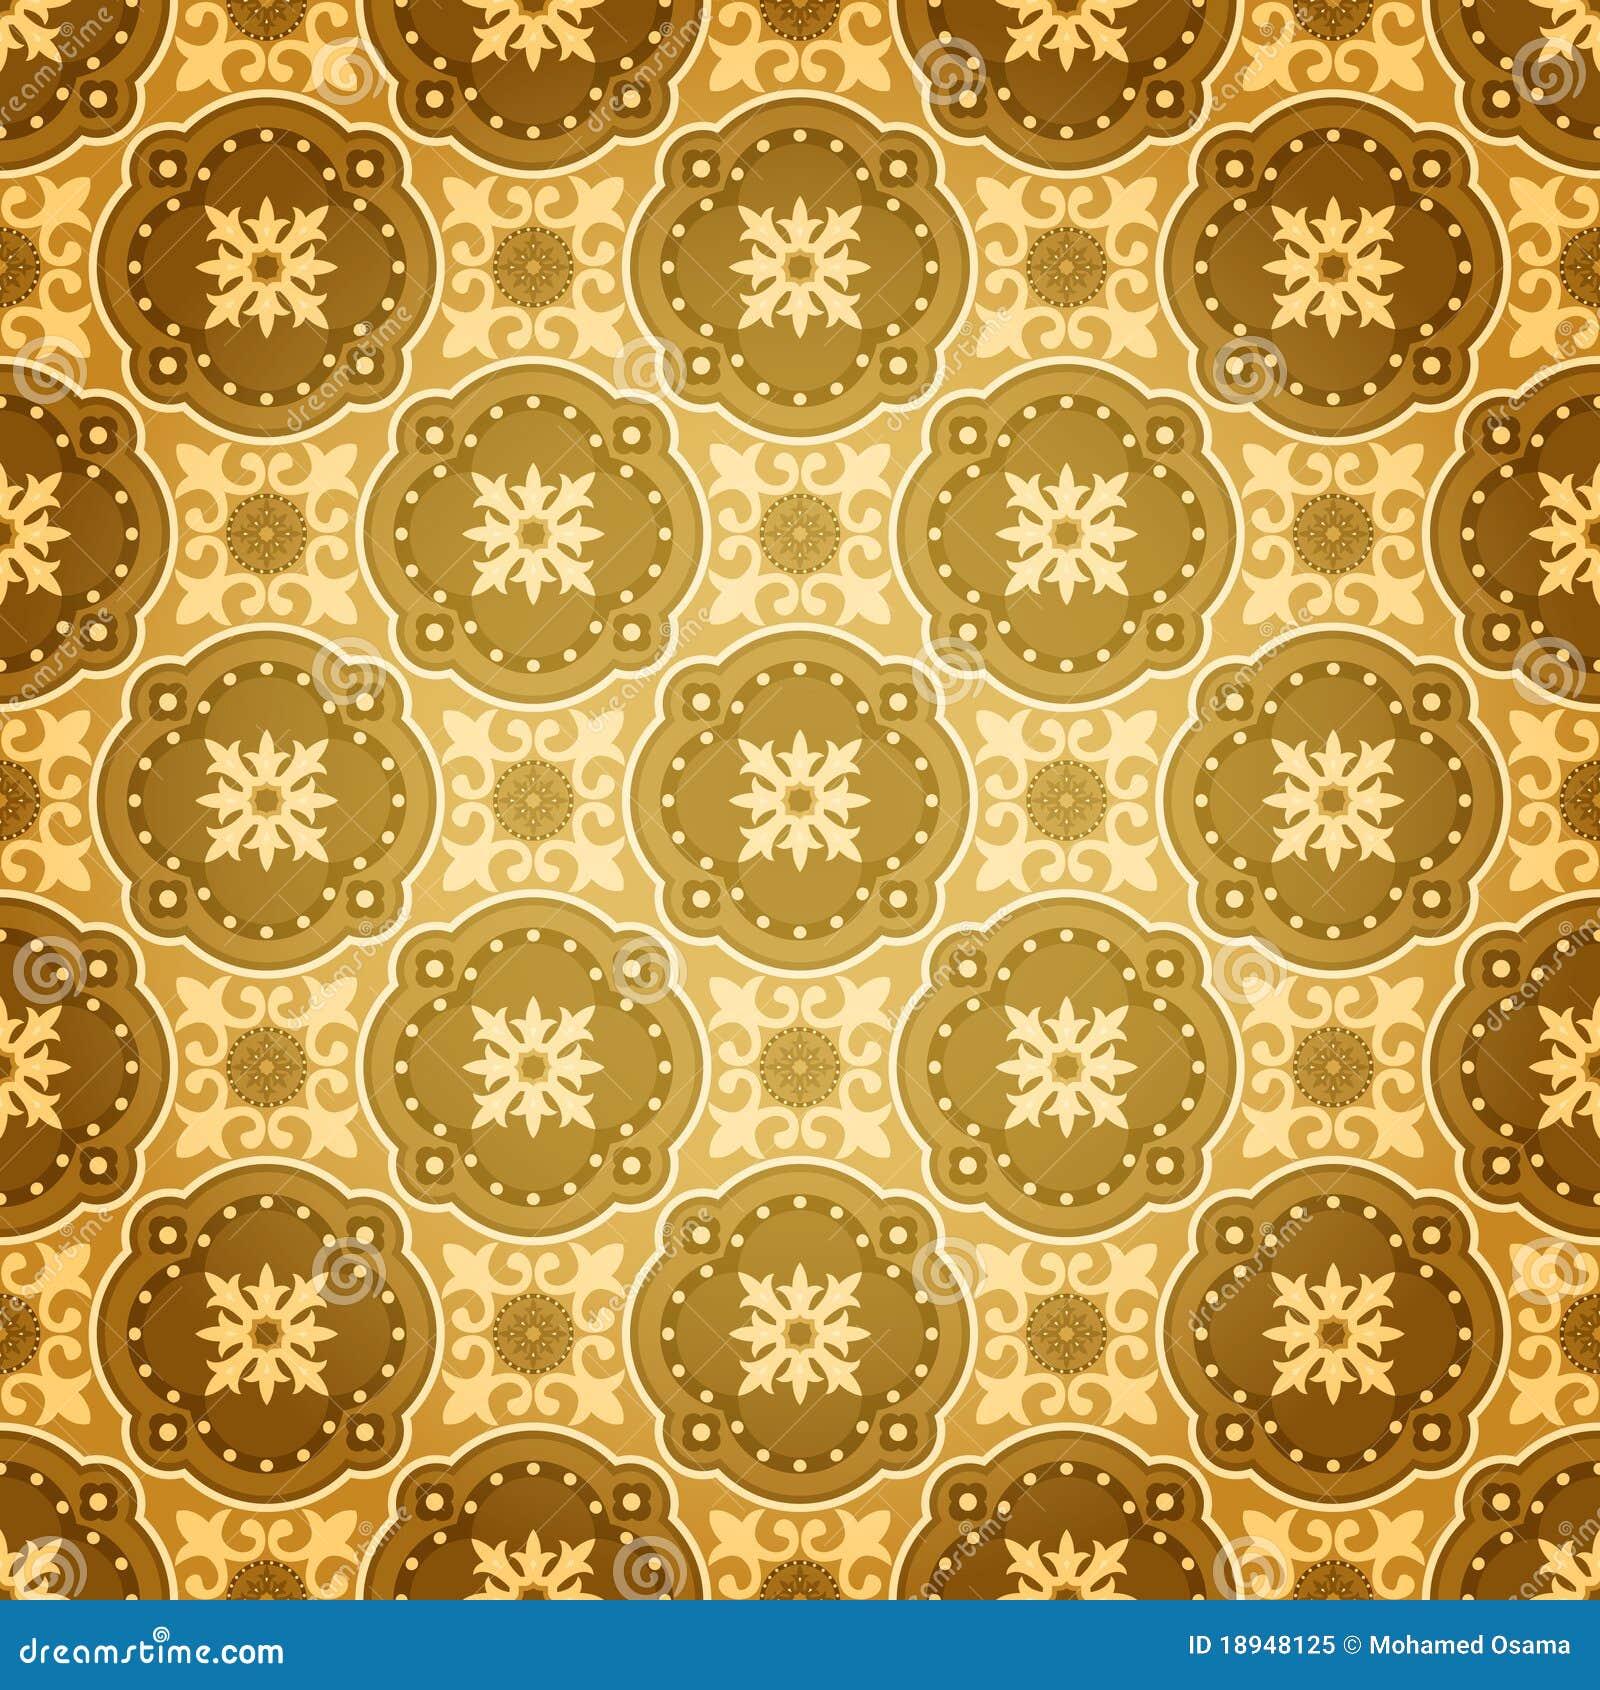 Batik Design Golden Seamless Wall P...